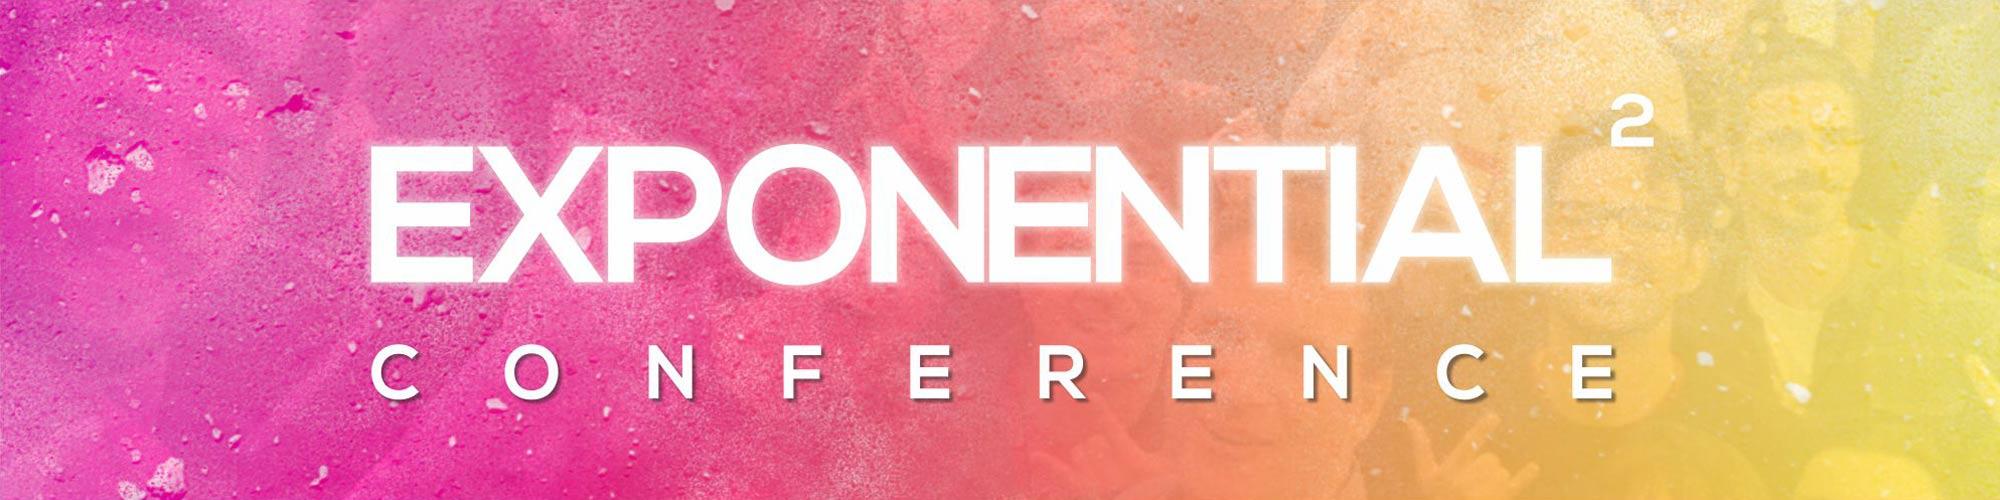 2ª edição do Exponential Conference reúne comunidade focada em inovação com wokshops, jogos e oficinas